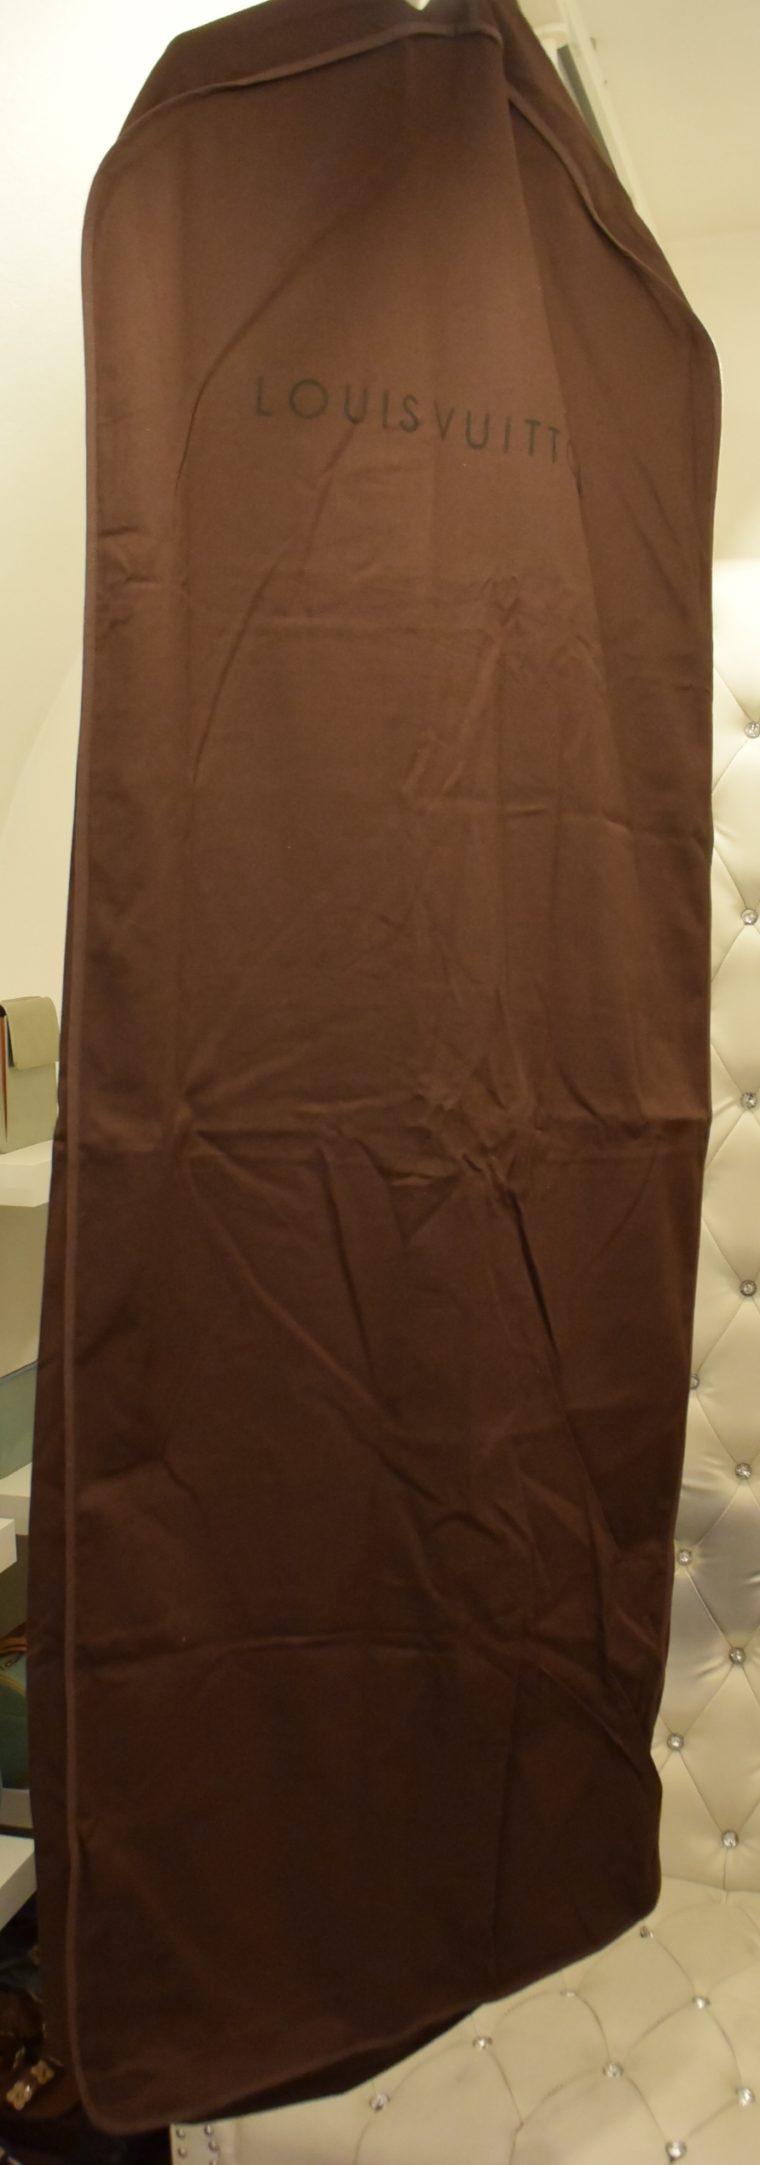 Louis Vuitton Kleiderhülle Kleidersack groß braun-12978